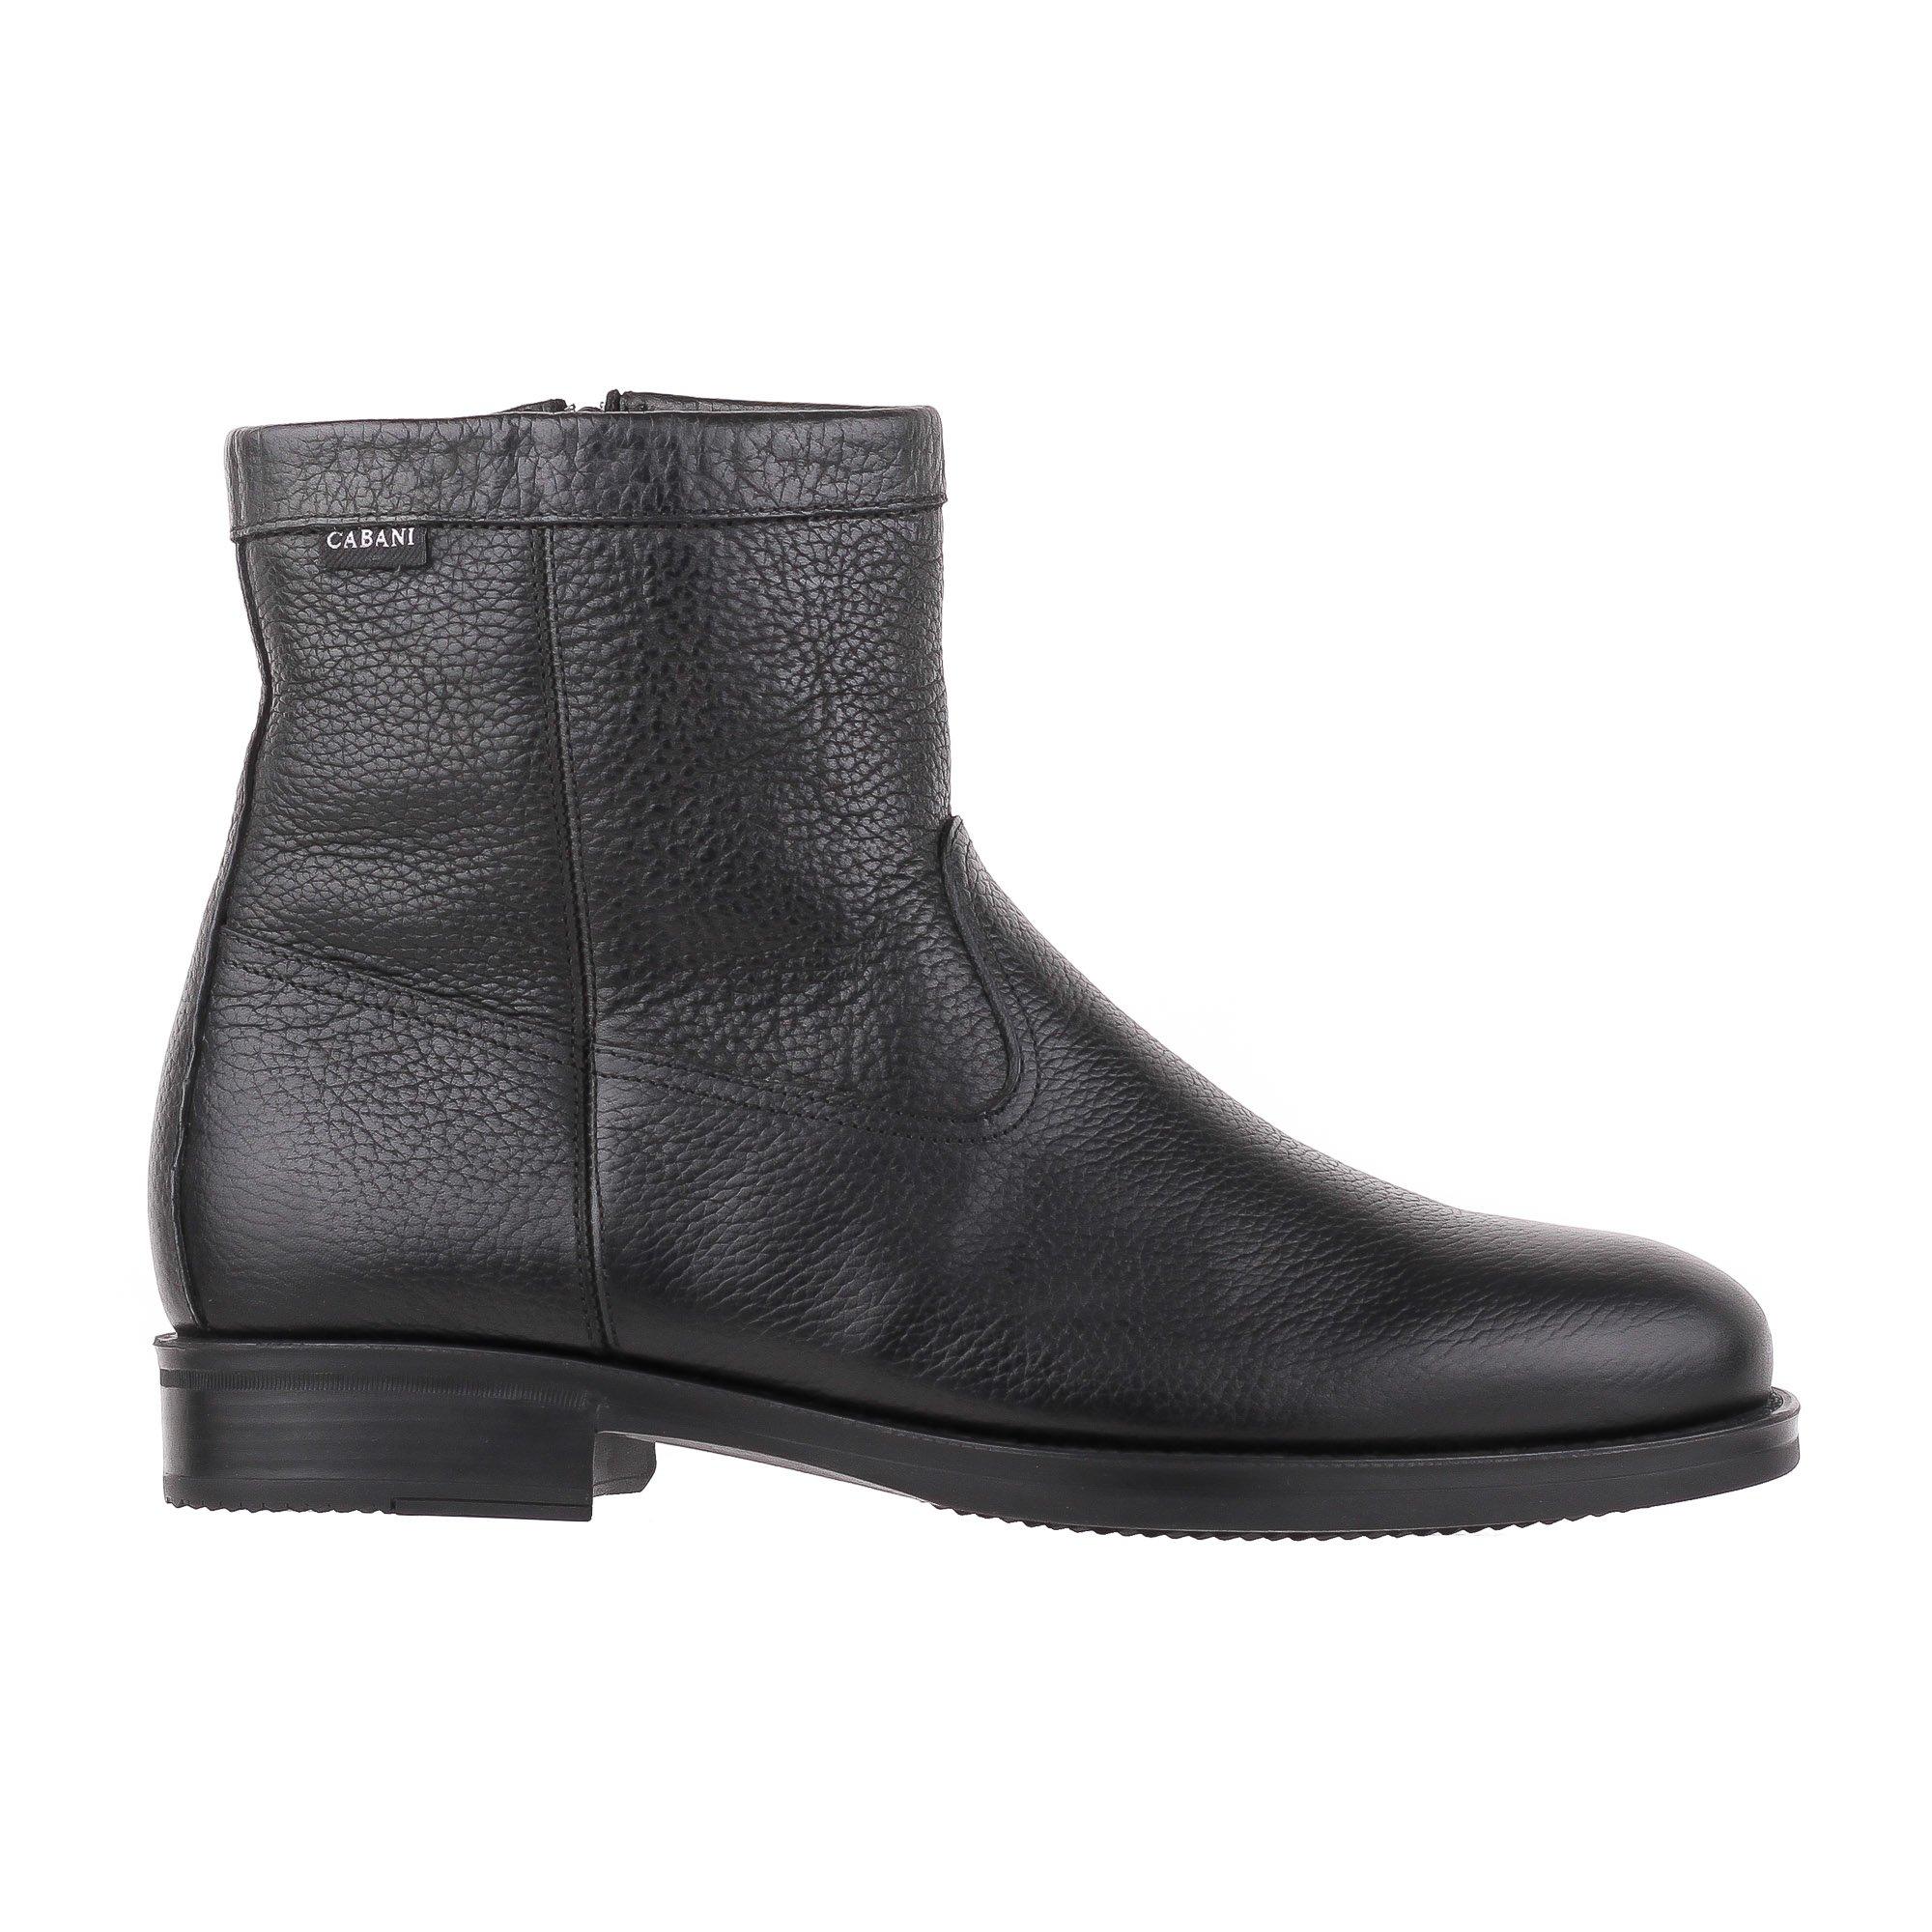 Ботинки Cabani Shoes M1646